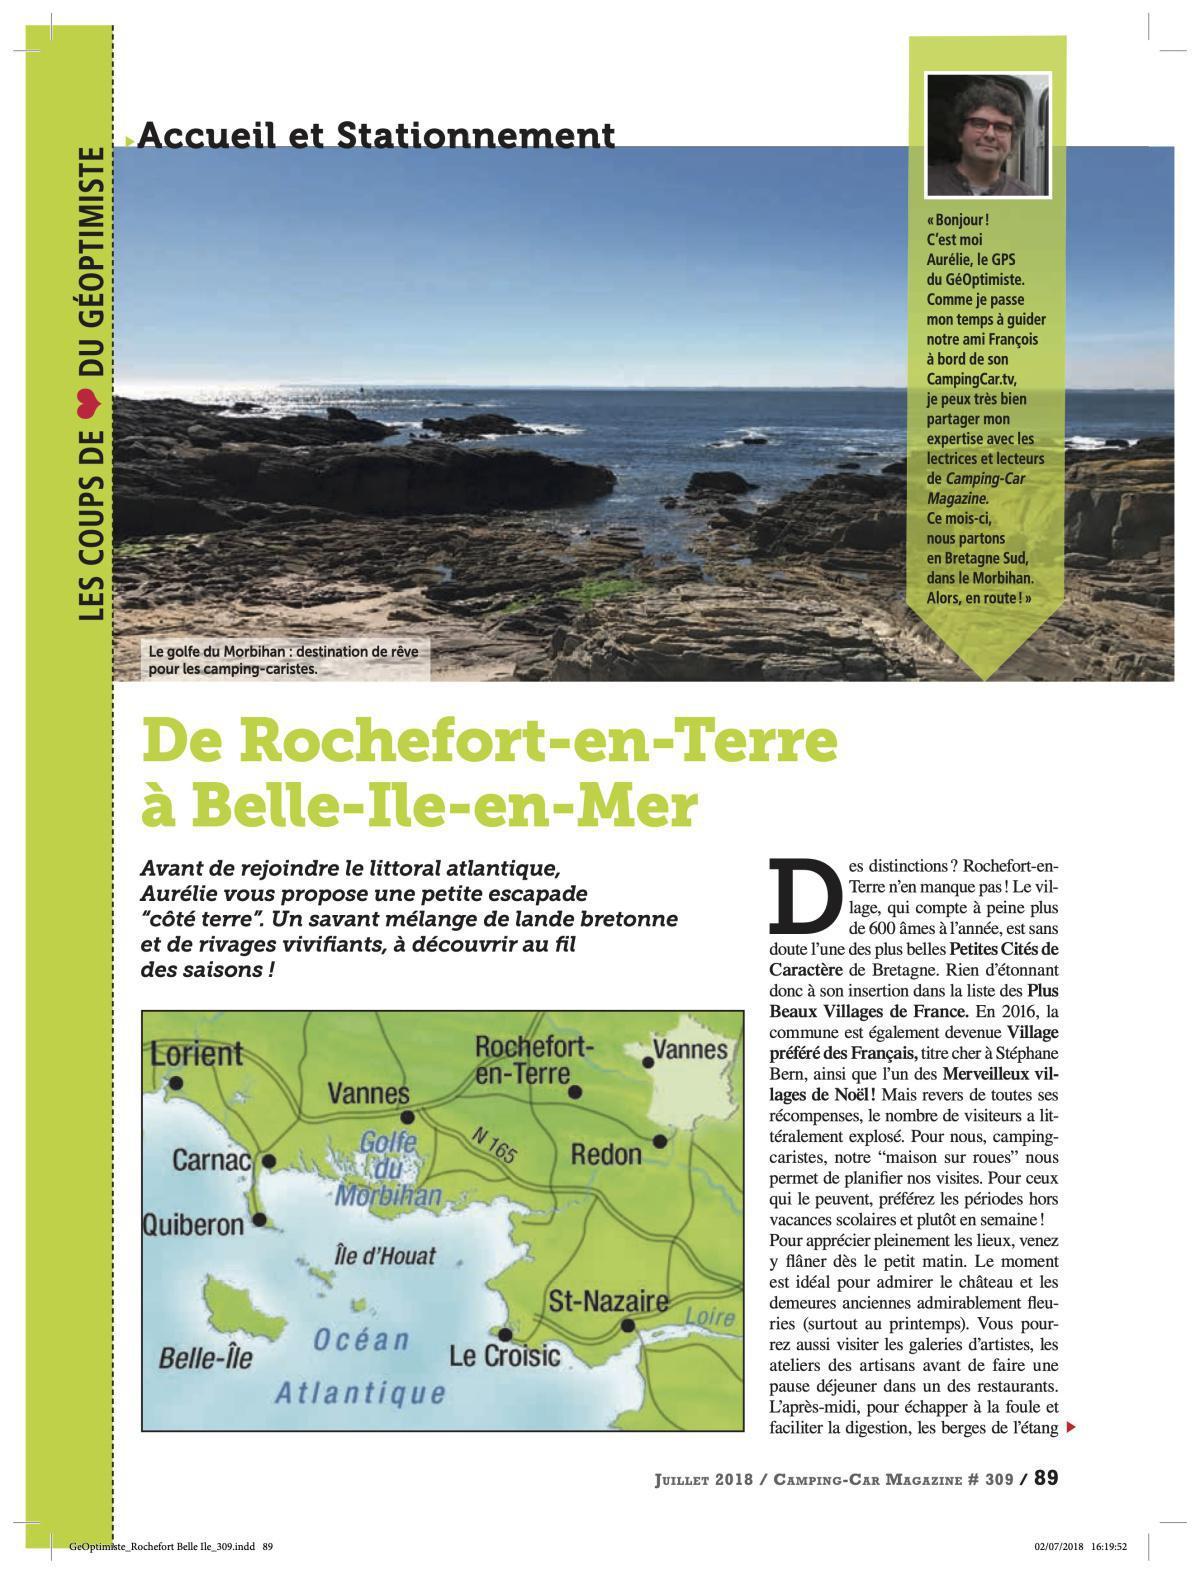 Dans le Morbihan - CCM 309